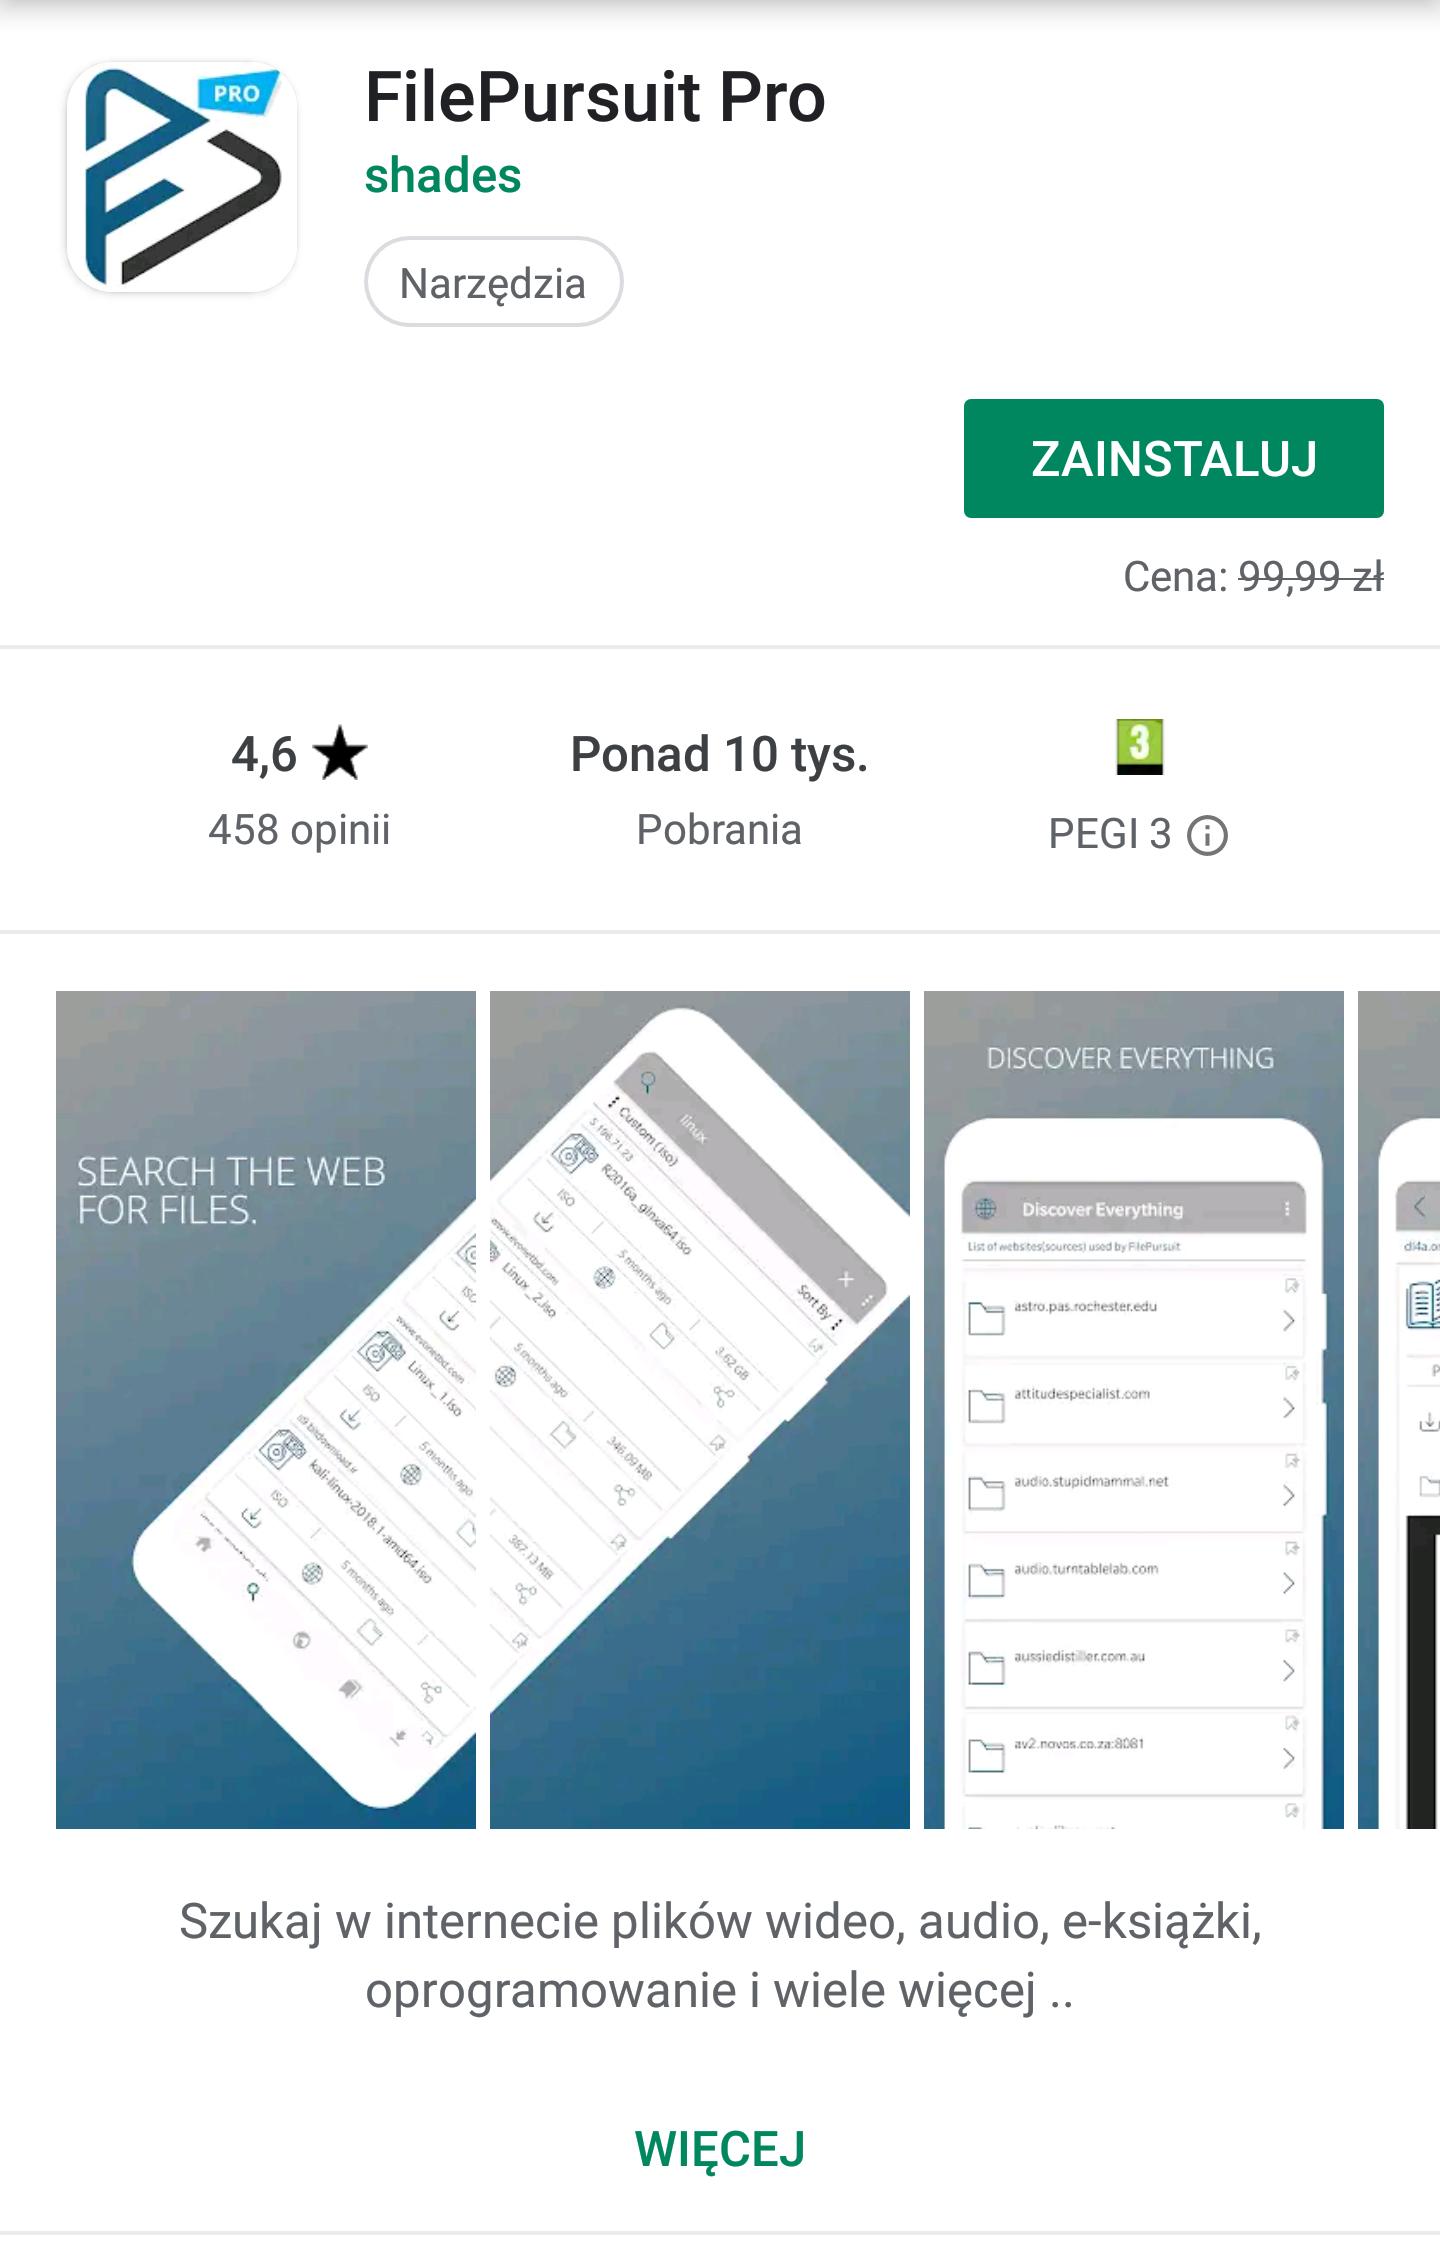 FilePursuit Pro - Android - aplikacja do wyszukiwania plików